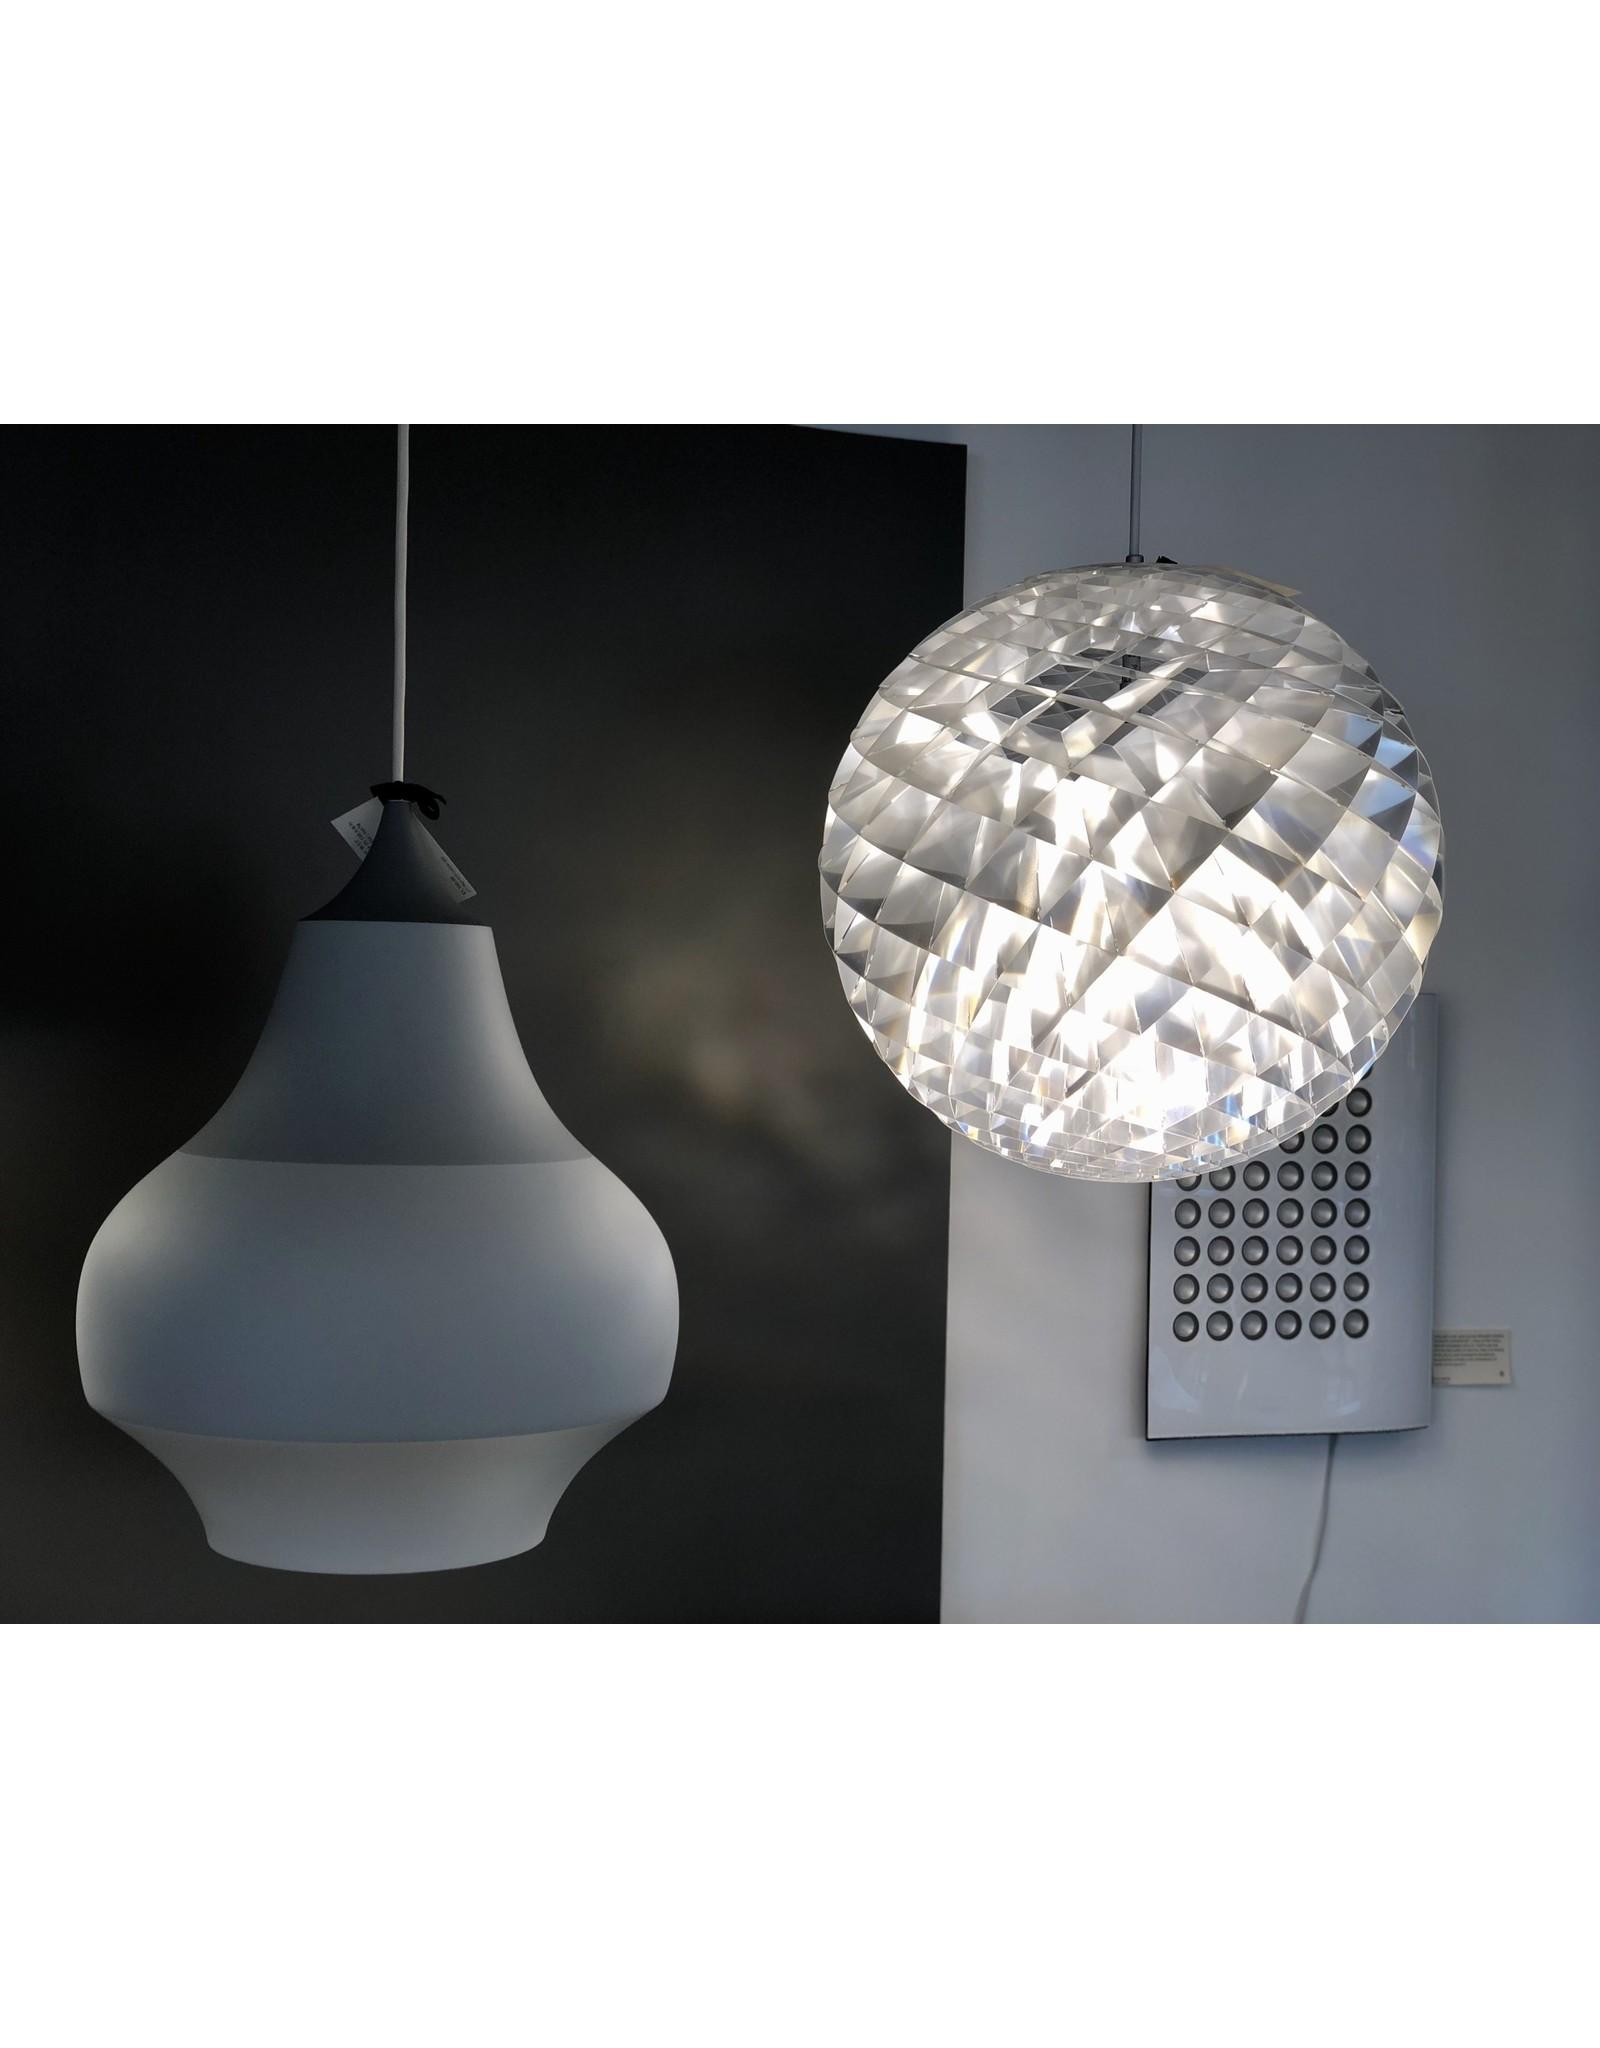 PATERA PENDANT LAMP IN SILVER